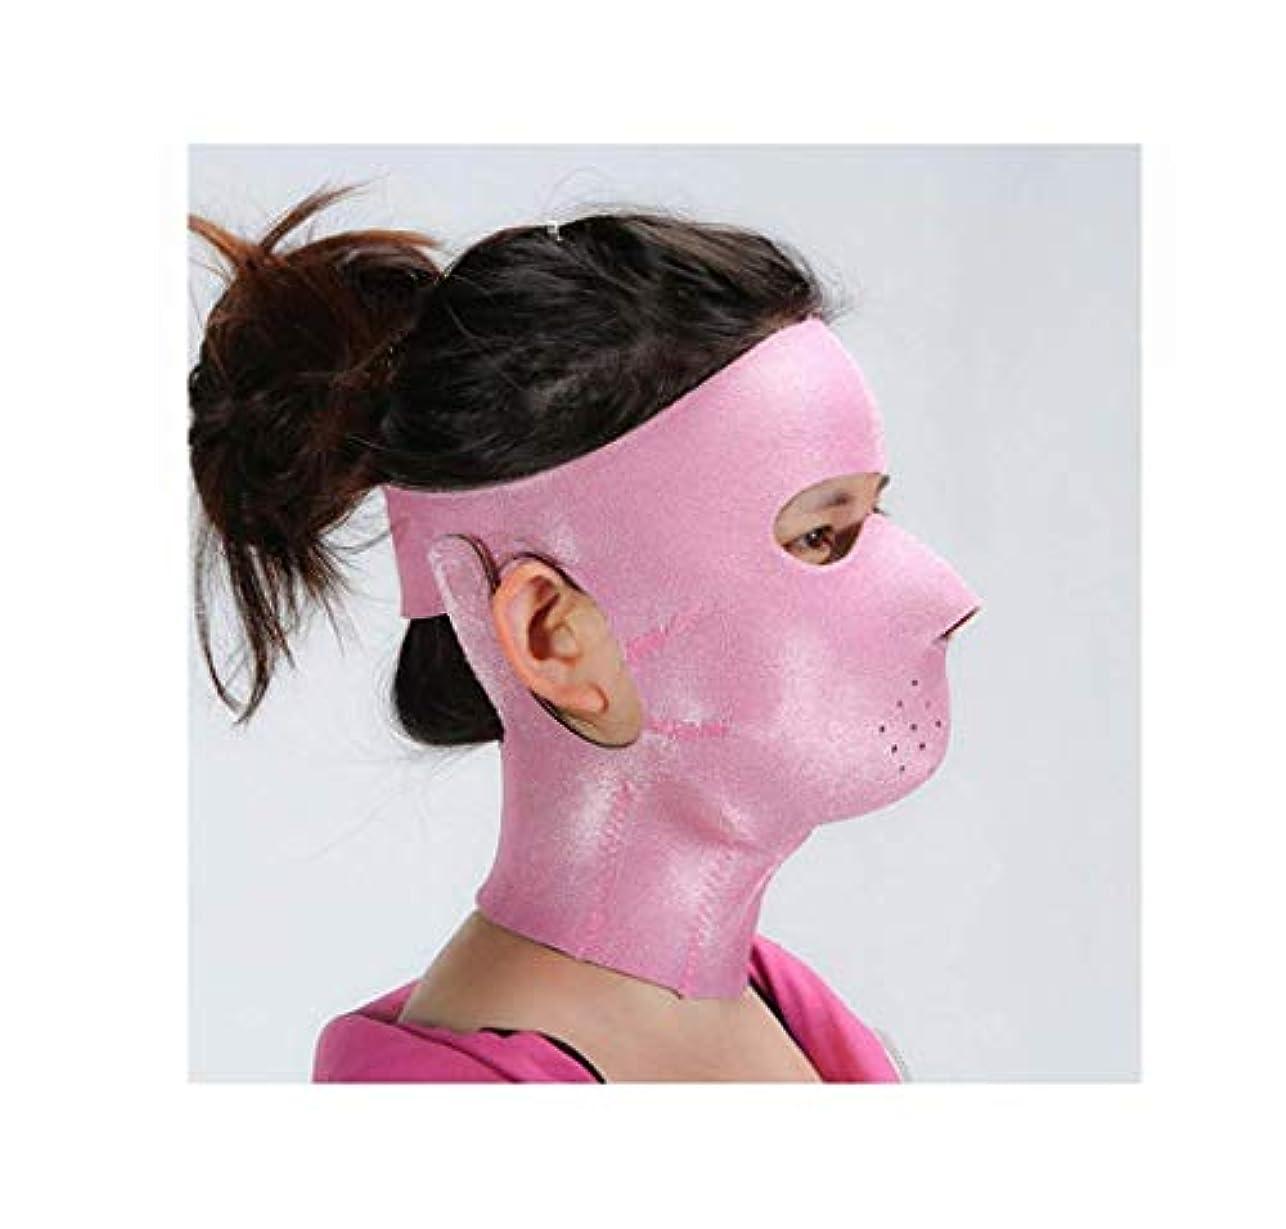 ドット違反する電子レンジフェイスリフトマスク、フェイシャルマスクプラス薄いフェイスマスクタイトなたるみの薄いフェイスマスクフェイシャル薄いフェイスマスクアーティファクトビューティーネックストラップ付き